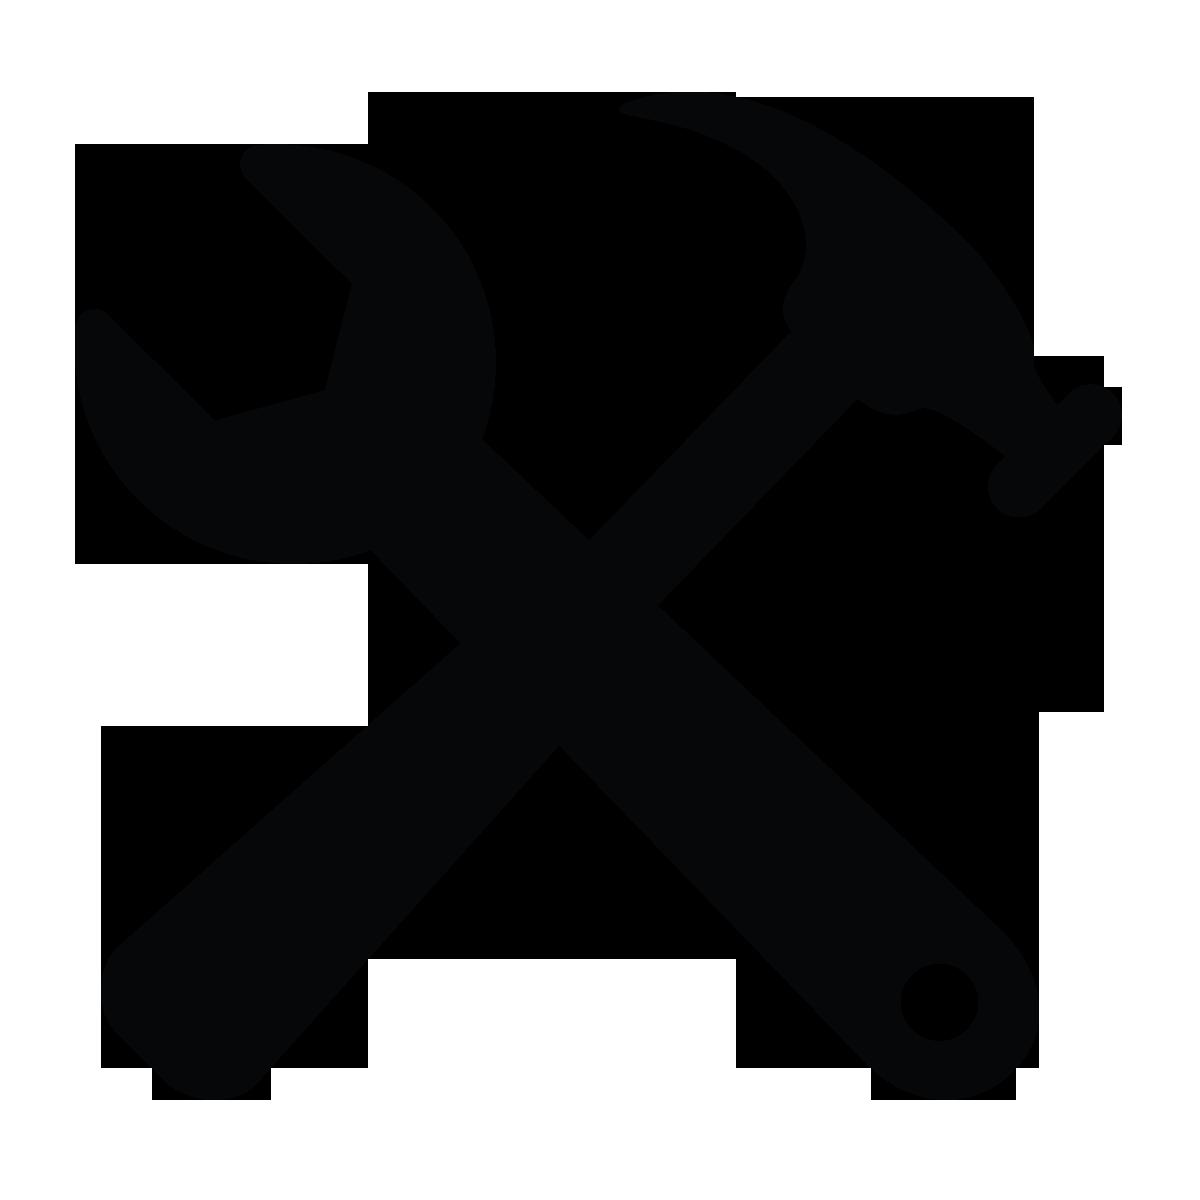 Tools PNG Transparent Image - Tool PNG